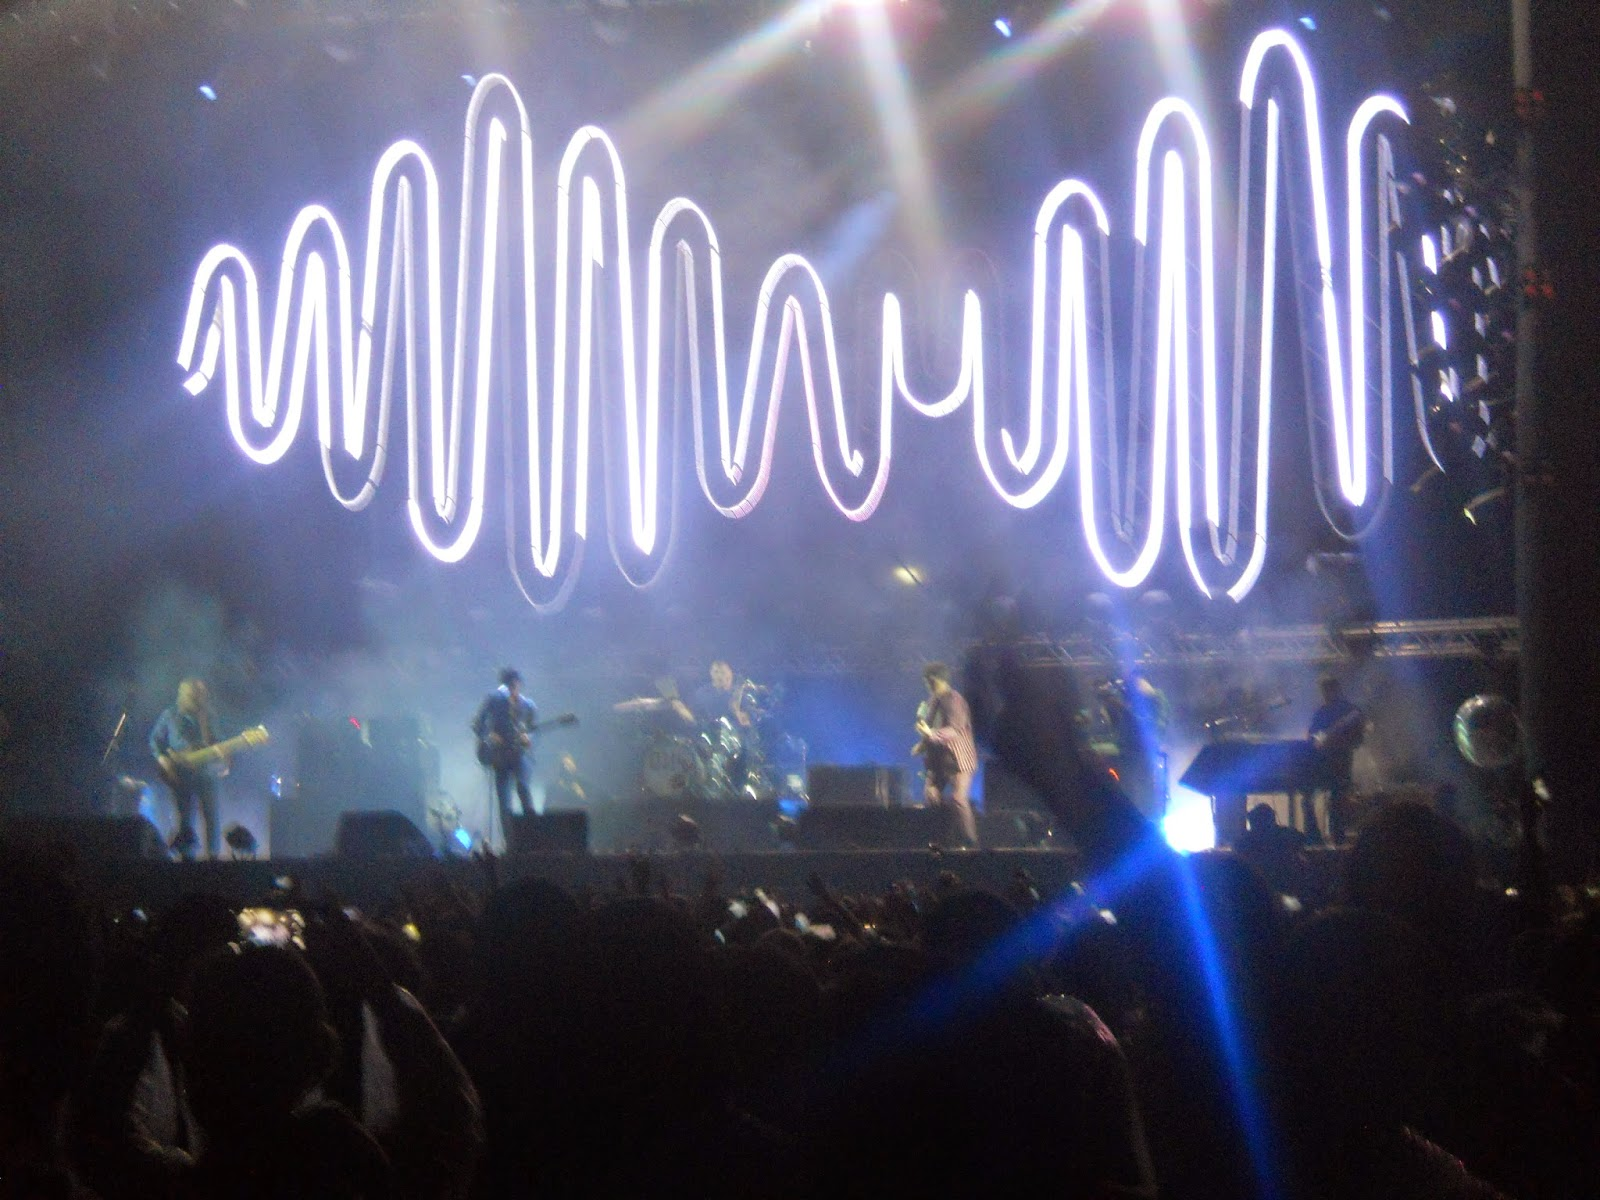 Com surpresa Arctic Monkeys e The Hives se apresentam em São Paulo  #1941B2 1600 1200